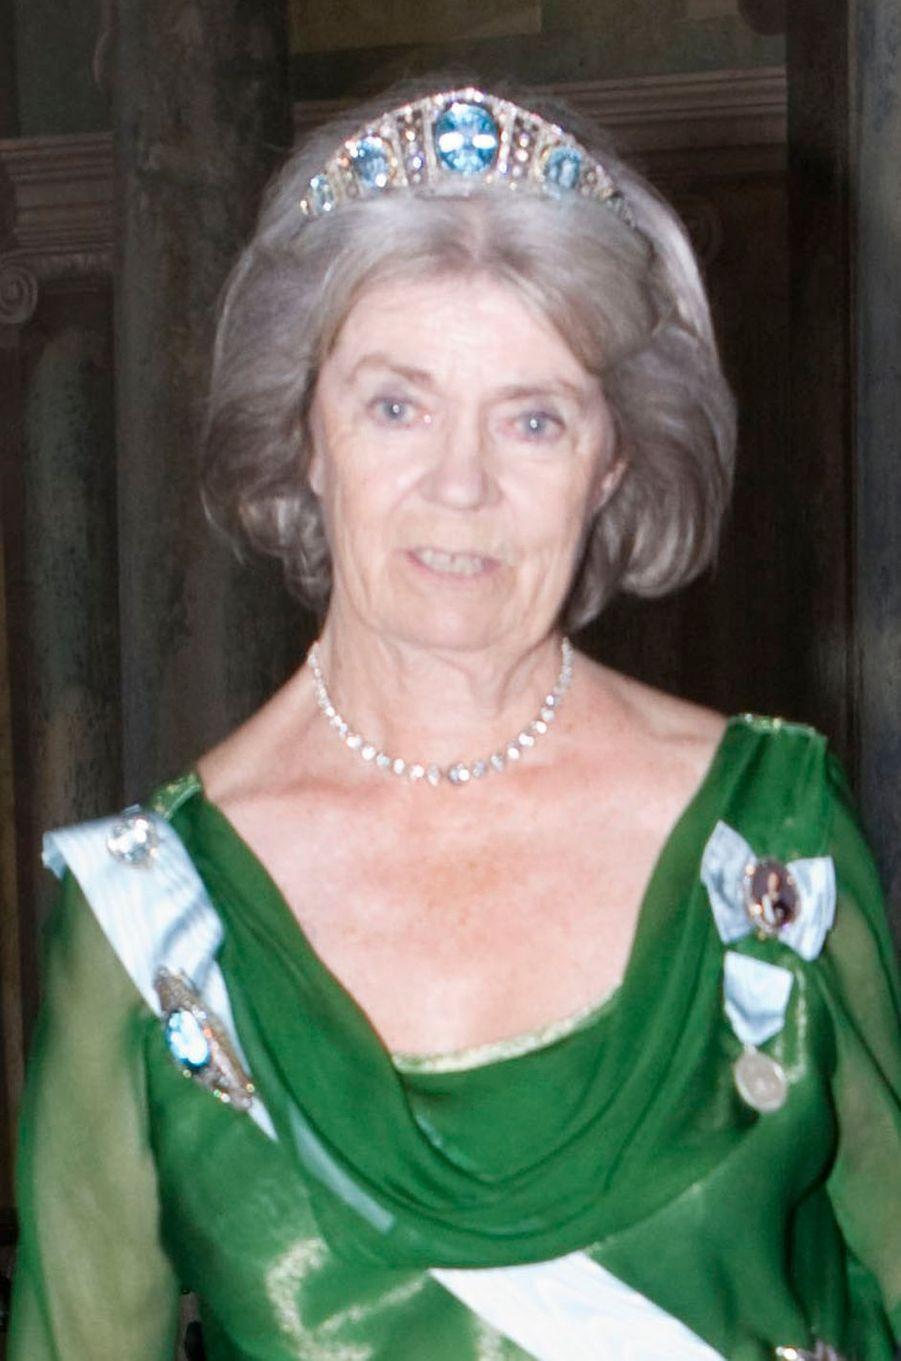 La princesse Margaretha de Suède au mariage de la princesse Victoria, le 19 juin 2010